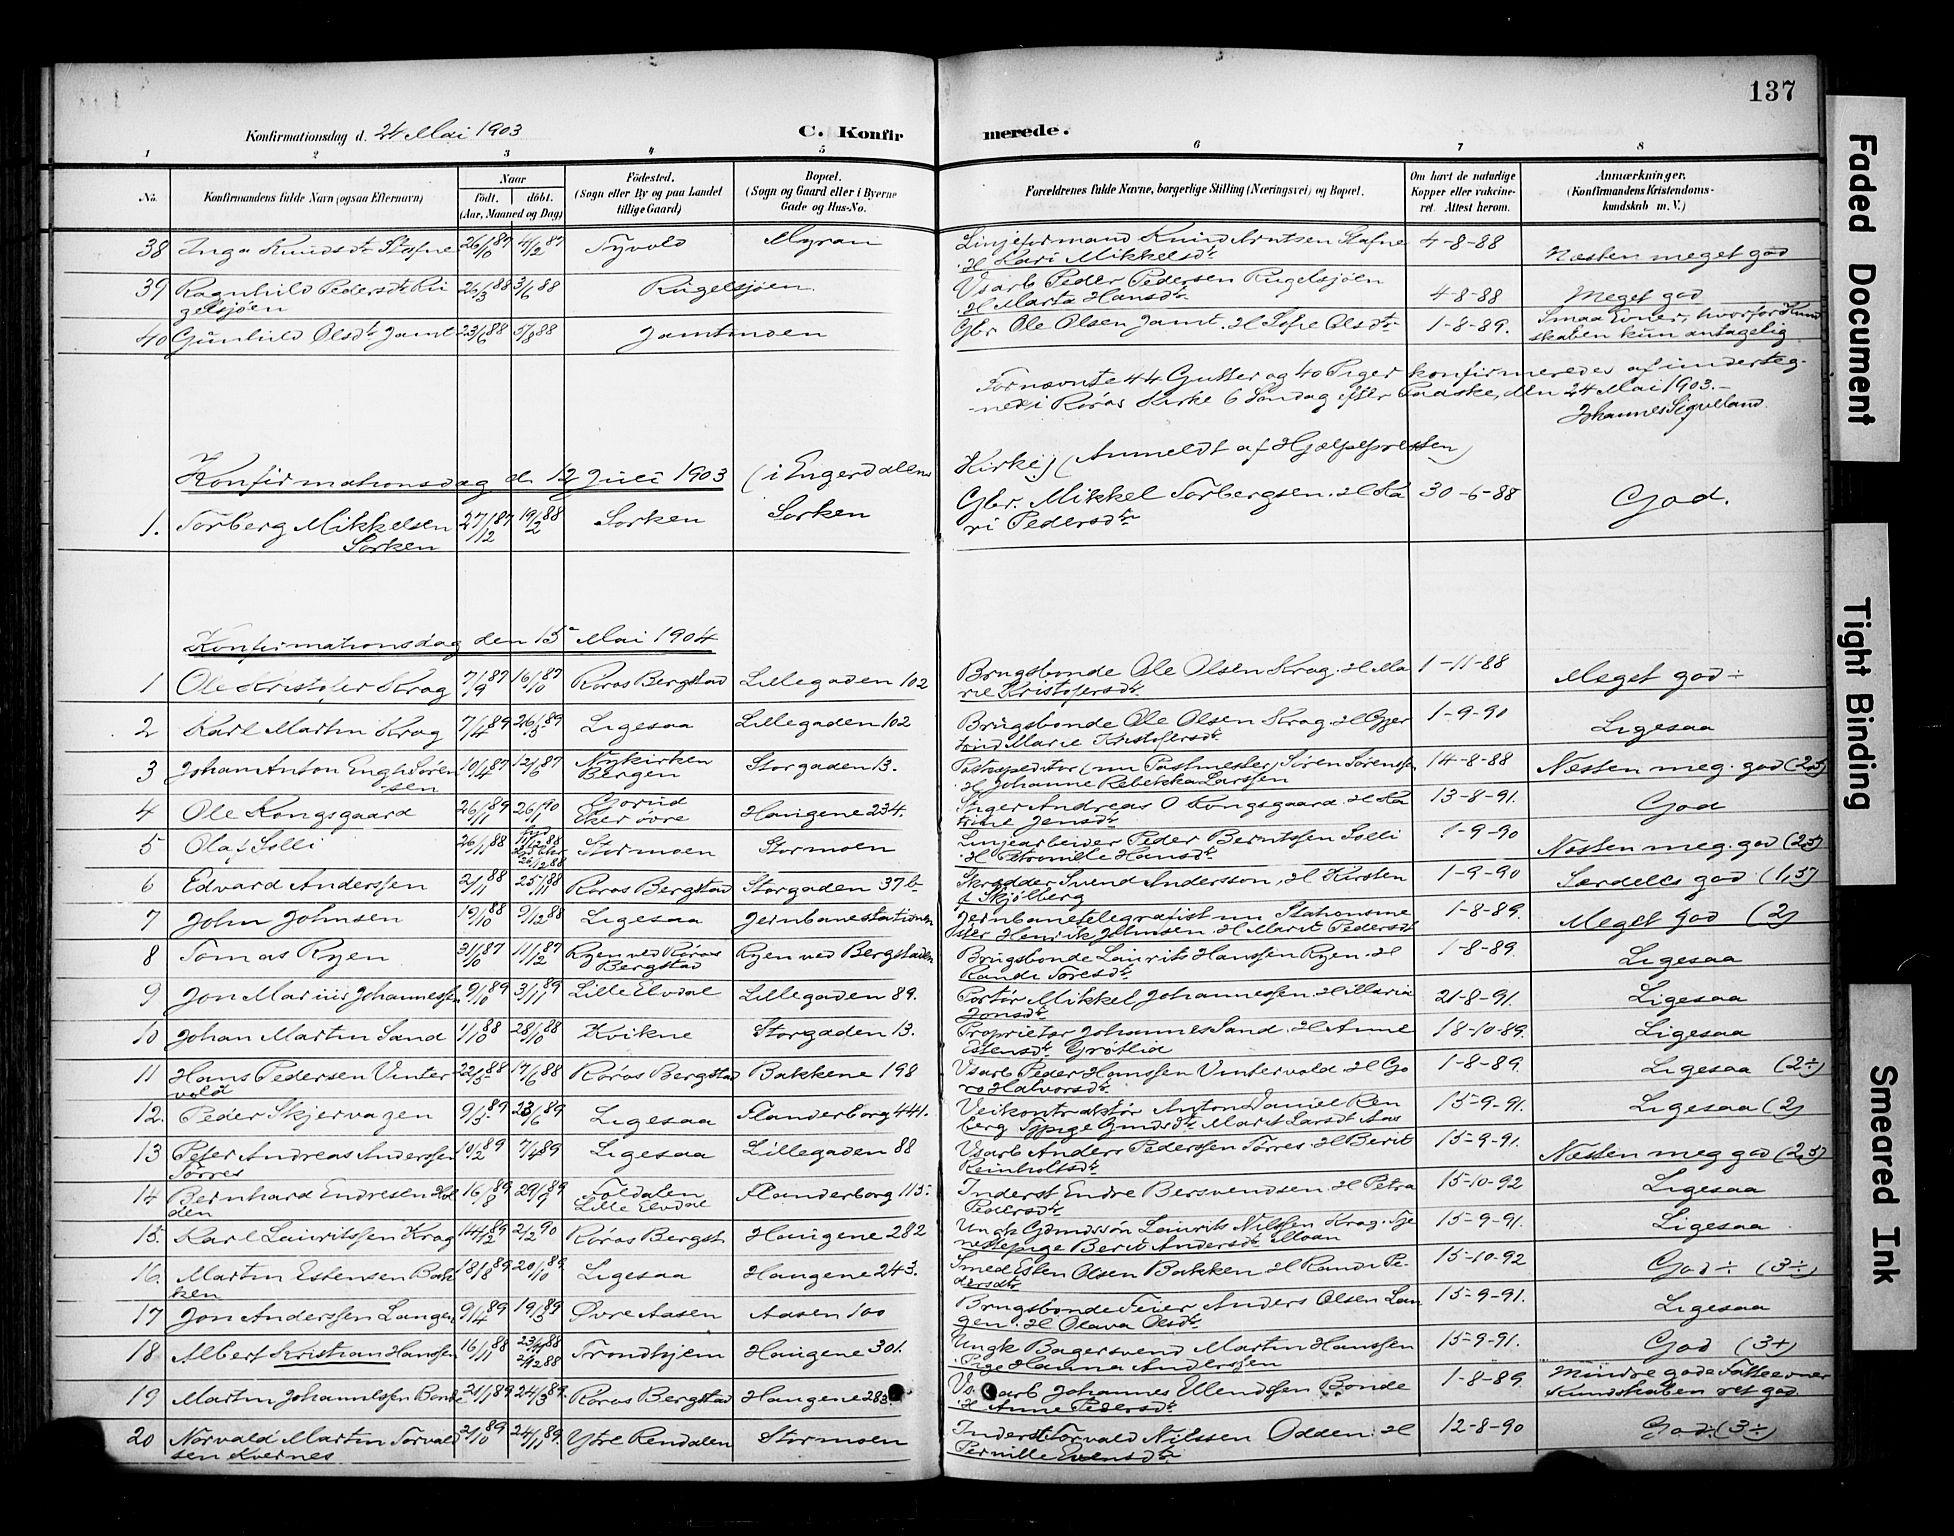 SAT, Ministerialprotokoller, klokkerbøker og fødselsregistre - Sør-Trøndelag, 681/L0936: Ministerialbok nr. 681A14, 1899-1908, s. 137